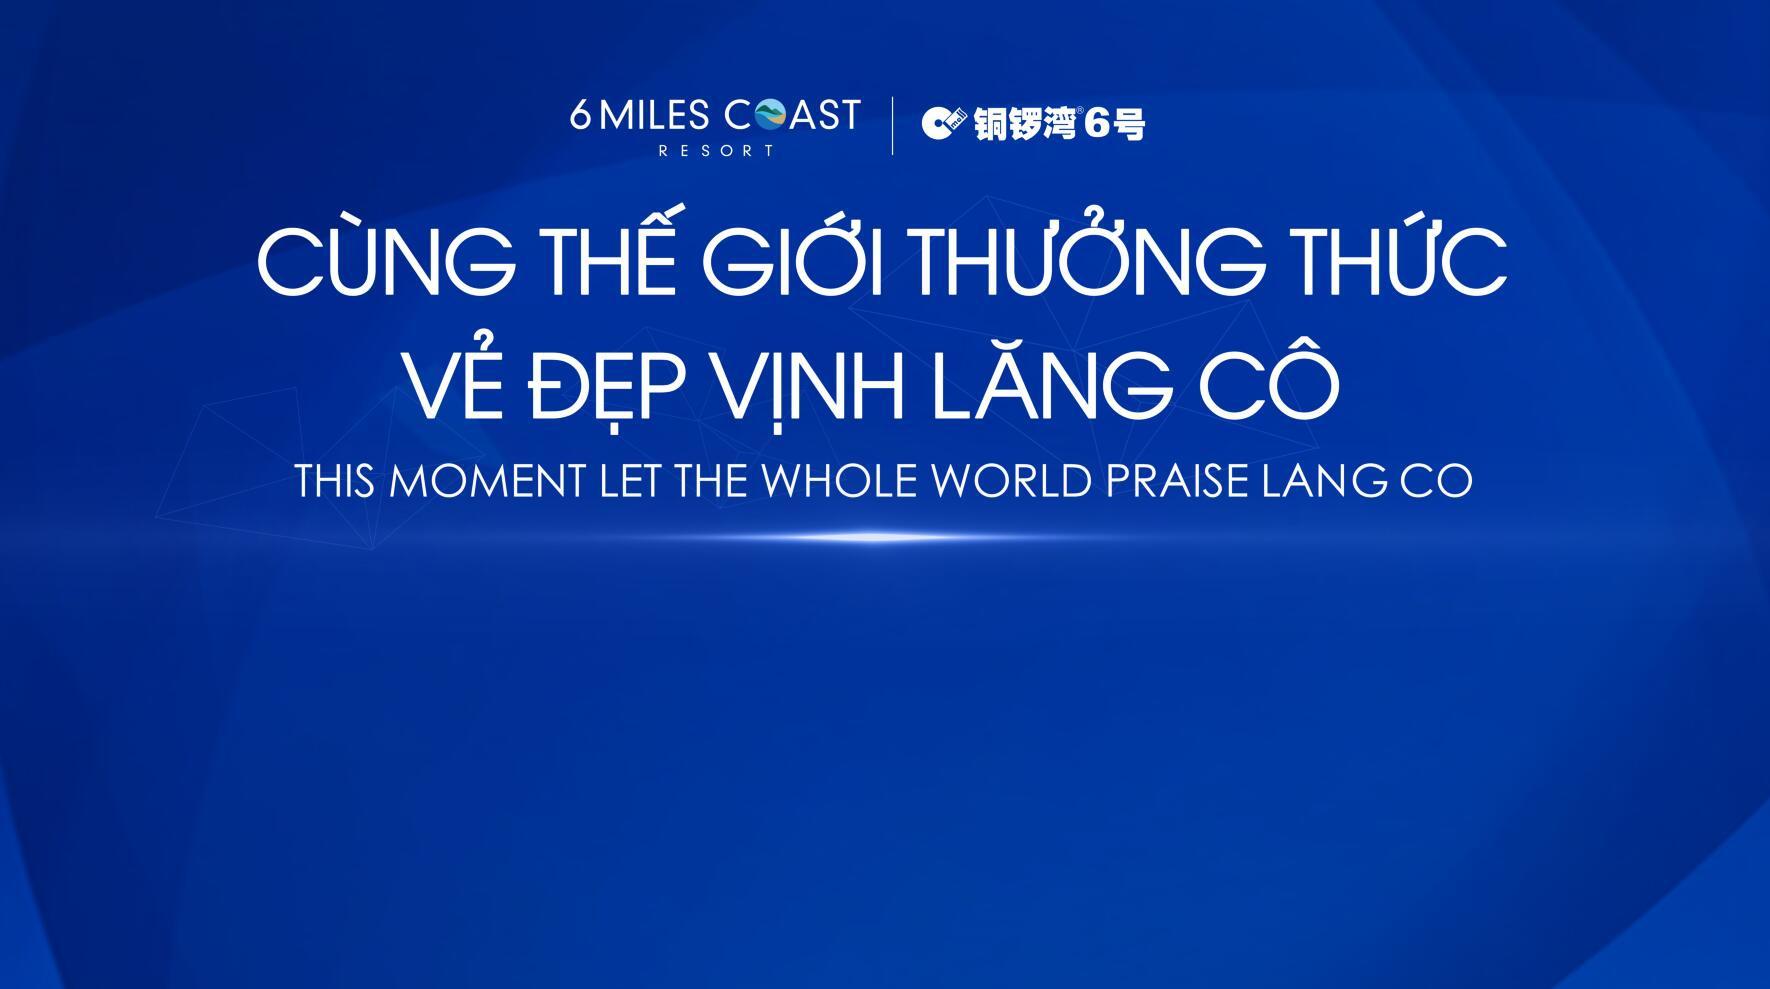 越南6英里海岸项目开放盛典